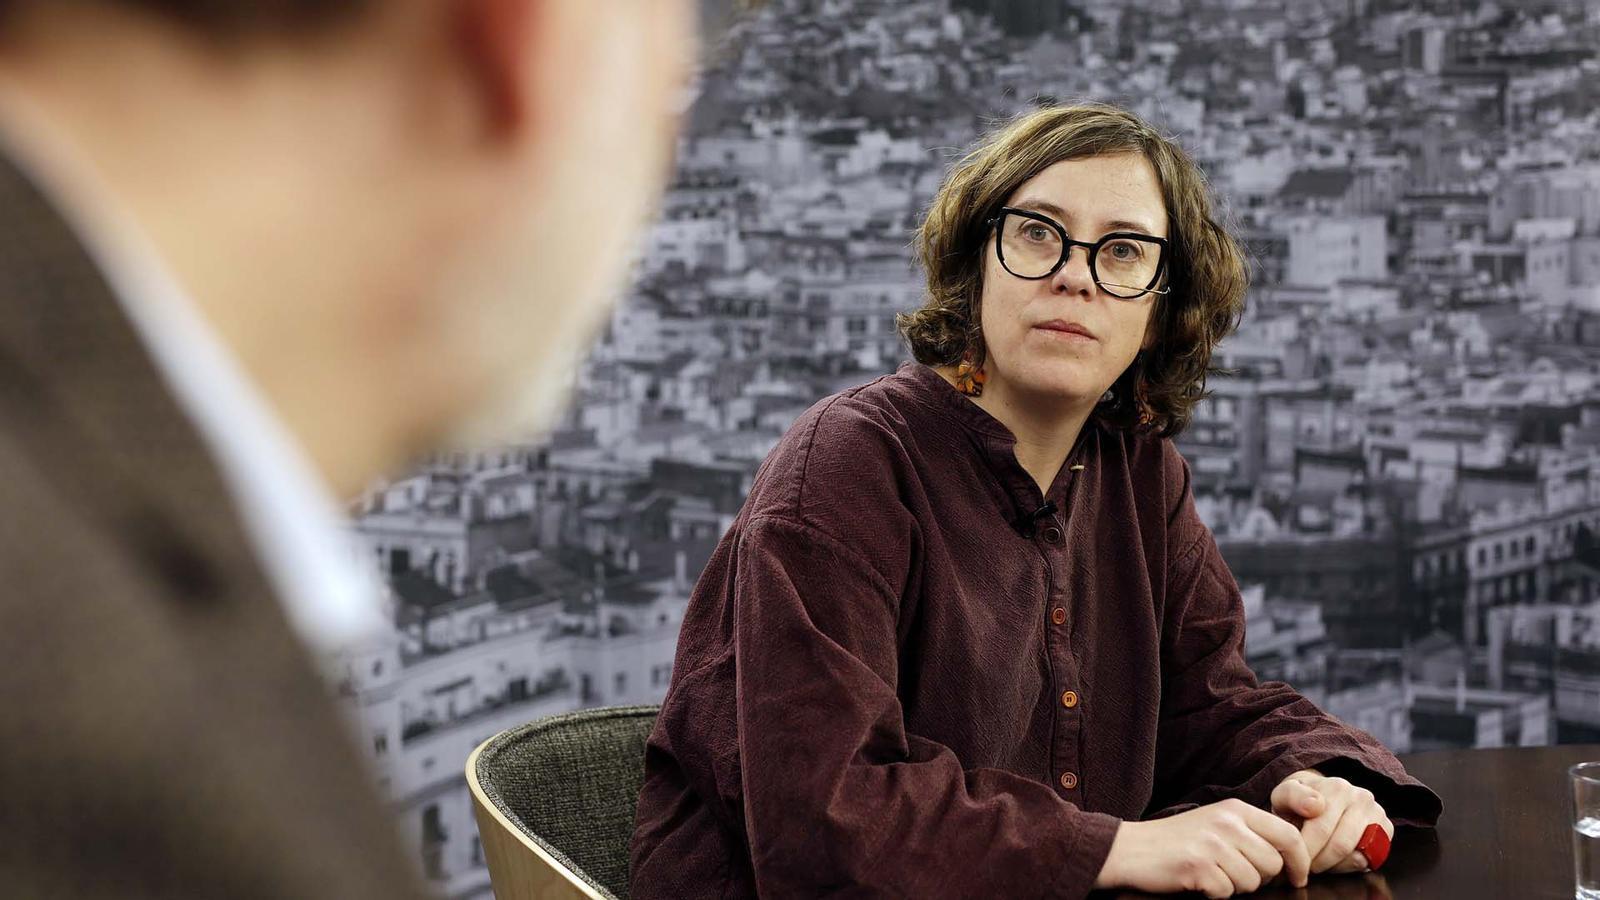 Entrevista d'Antoni Bassas a Eulàlia Reguant